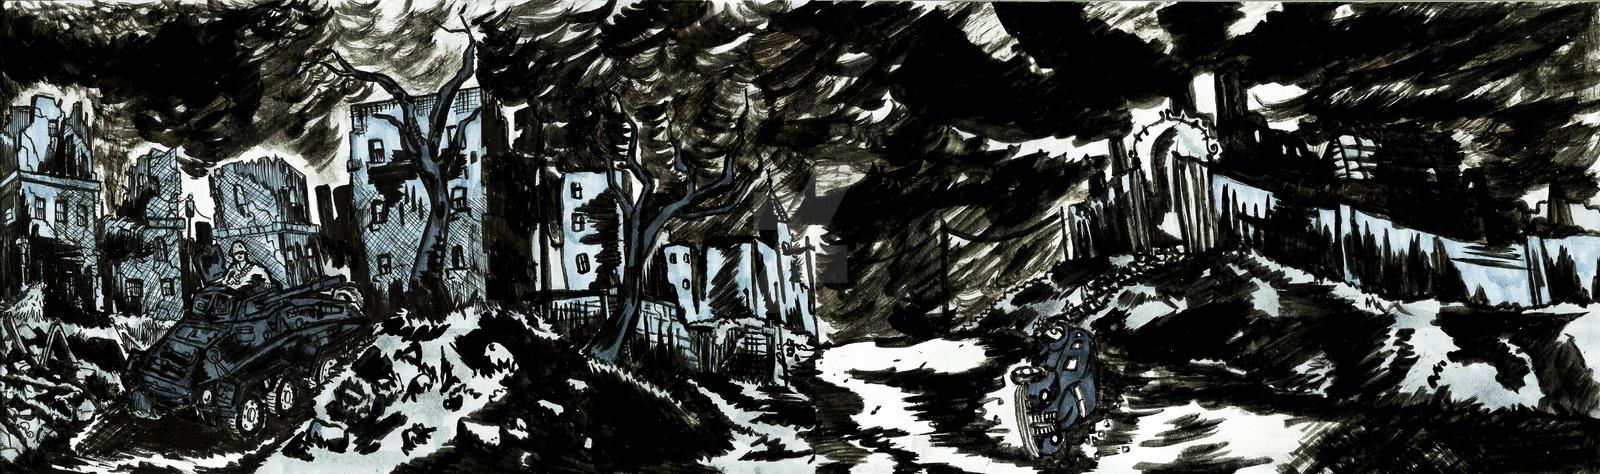 INK war scenery by TheInsaneDingo